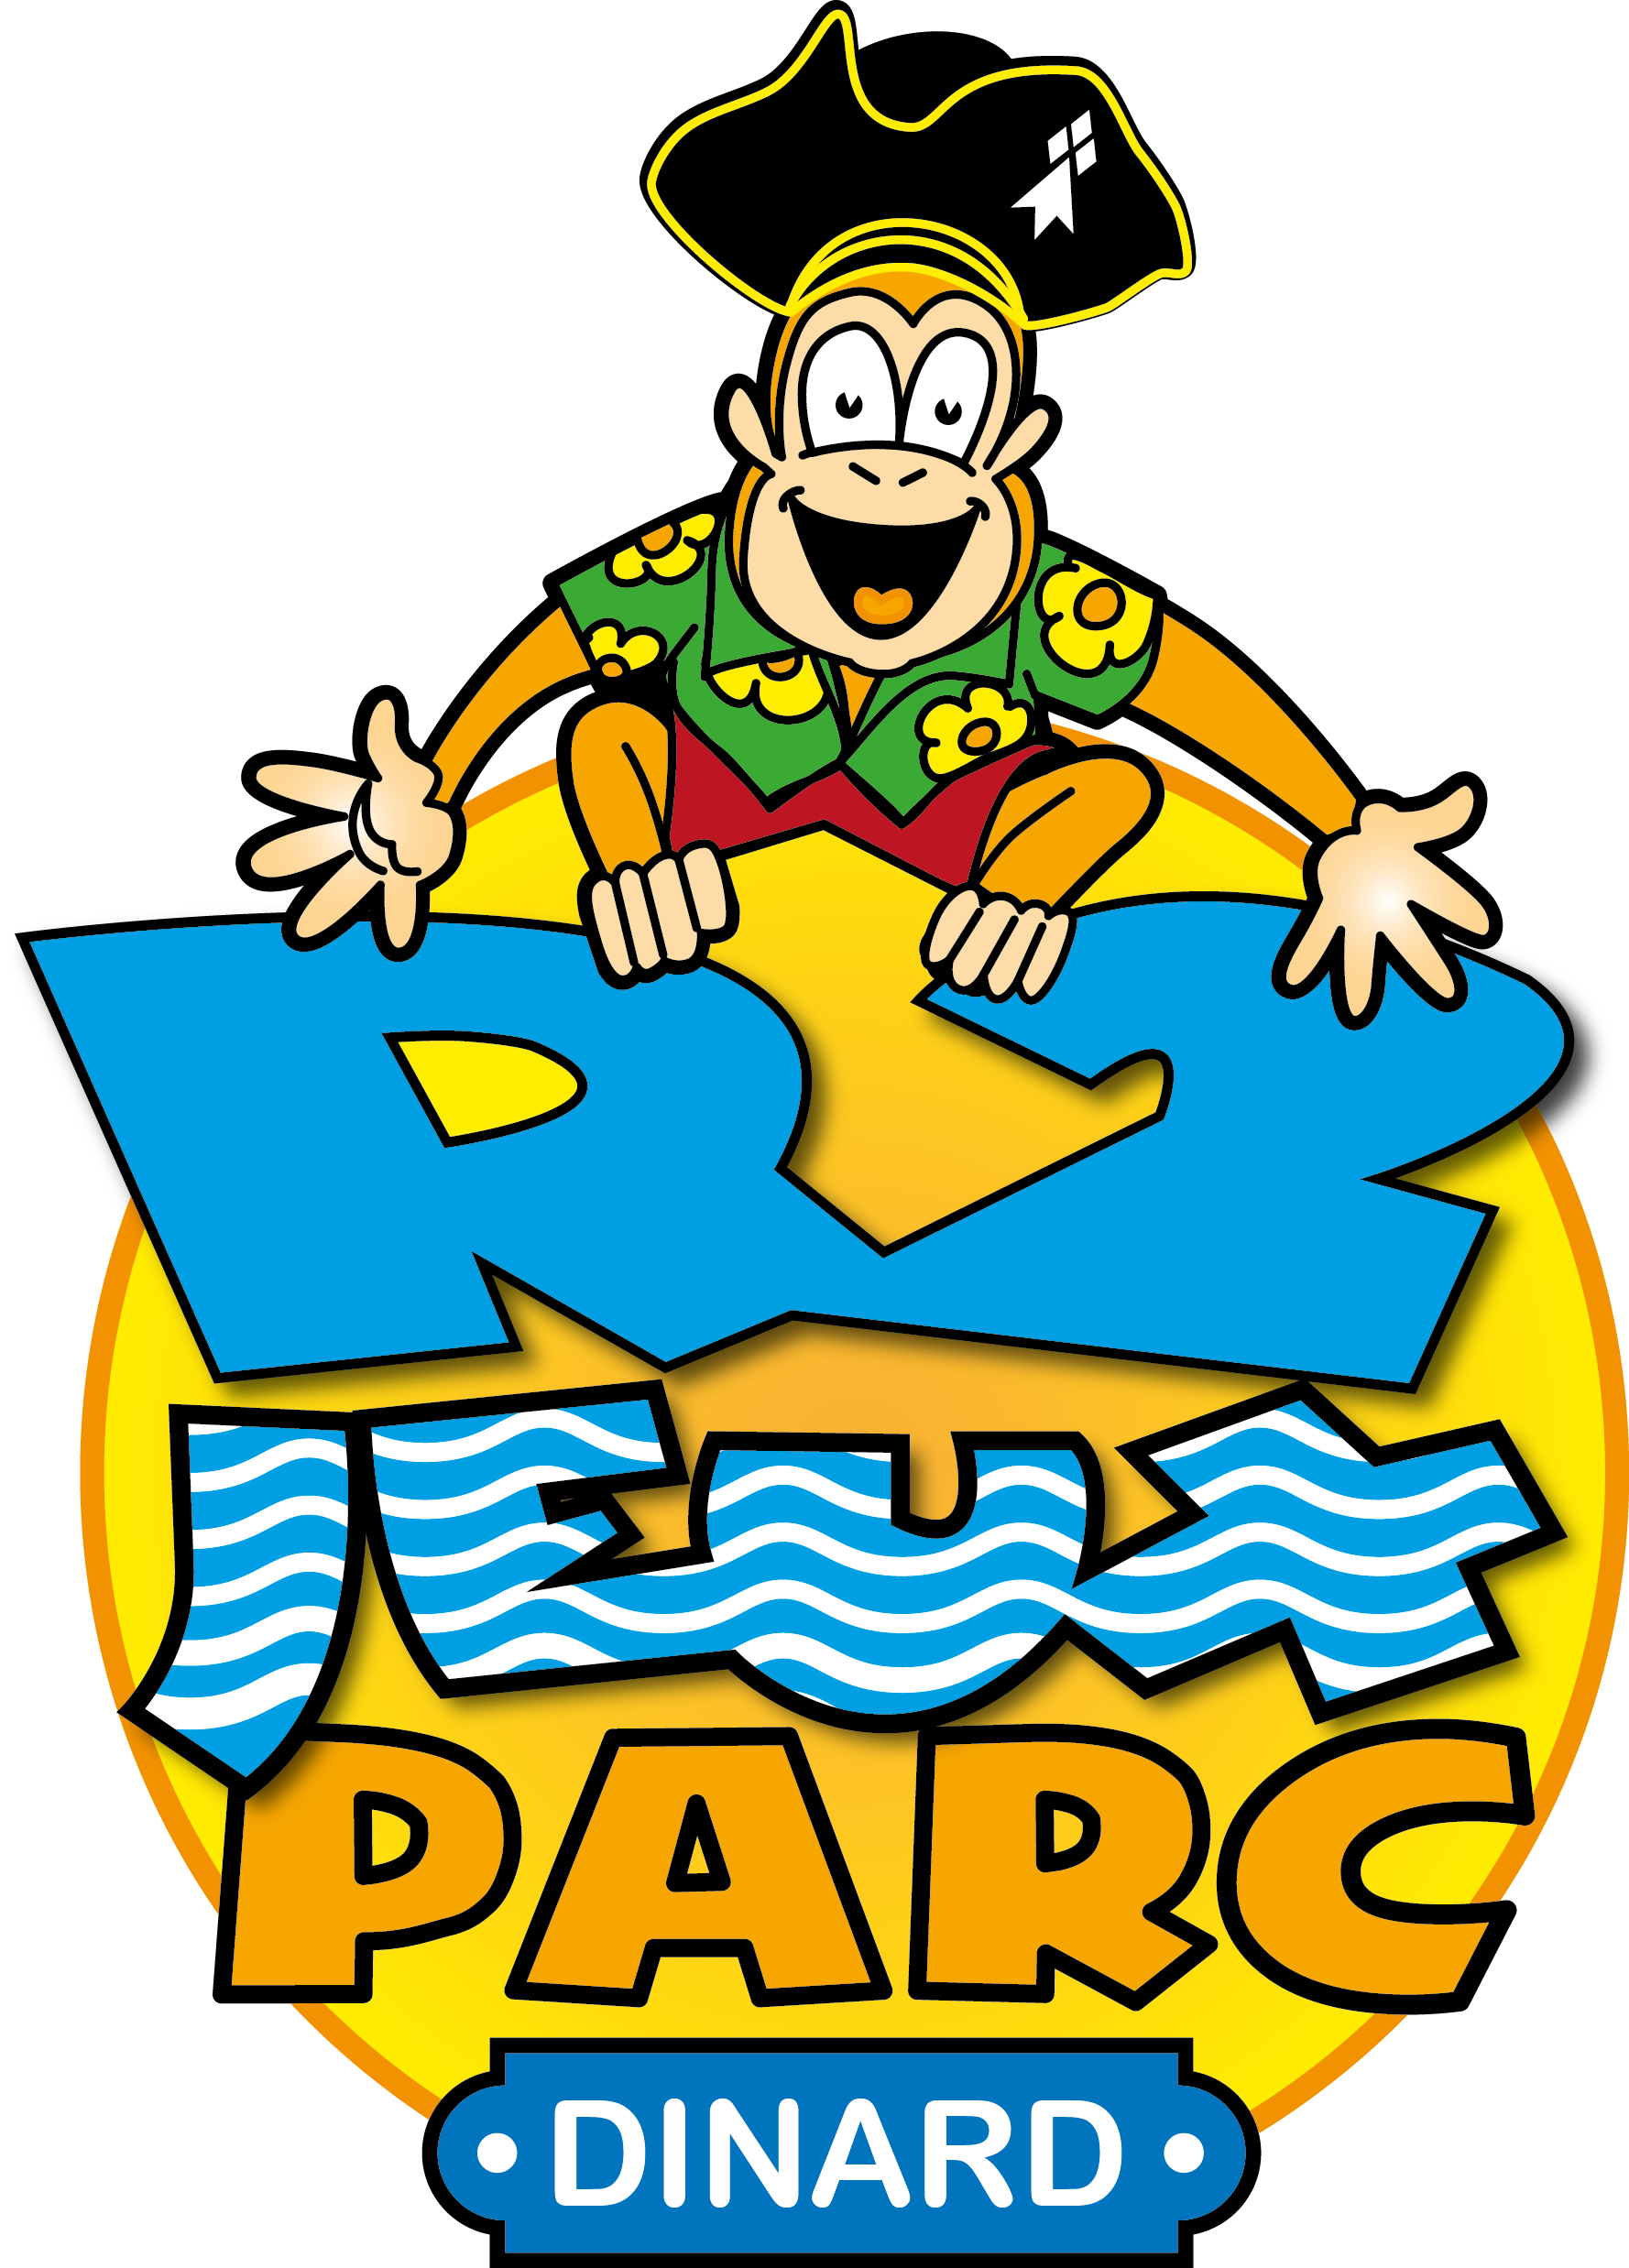 Logo-R2JEUX-Parc-Dinard